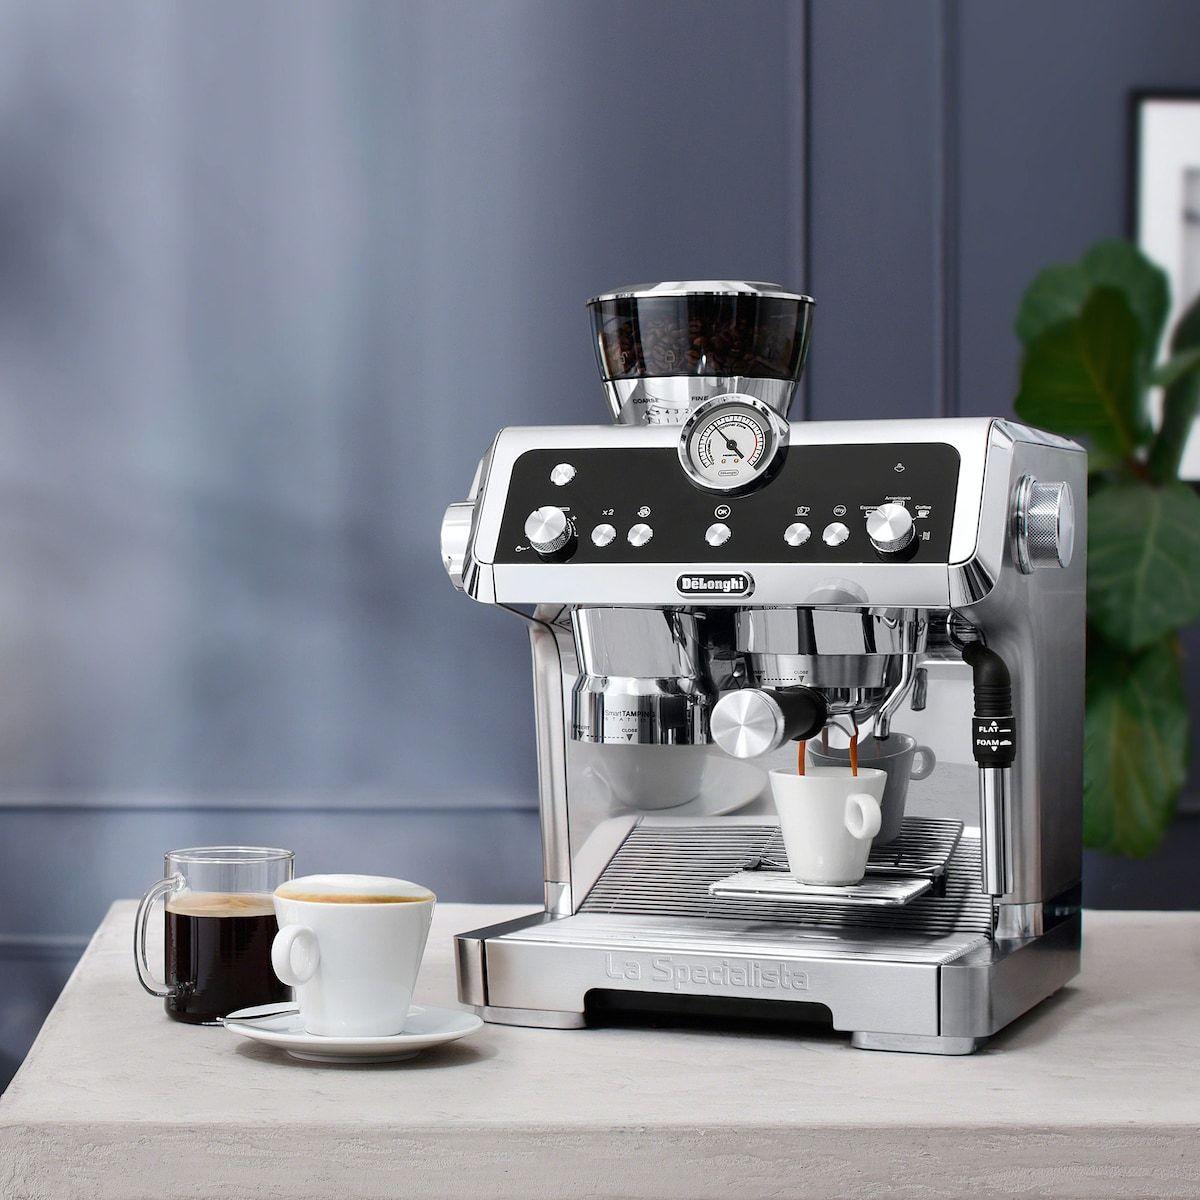 2020 的 Delonghi La Specialista Espresso And Cappuccino